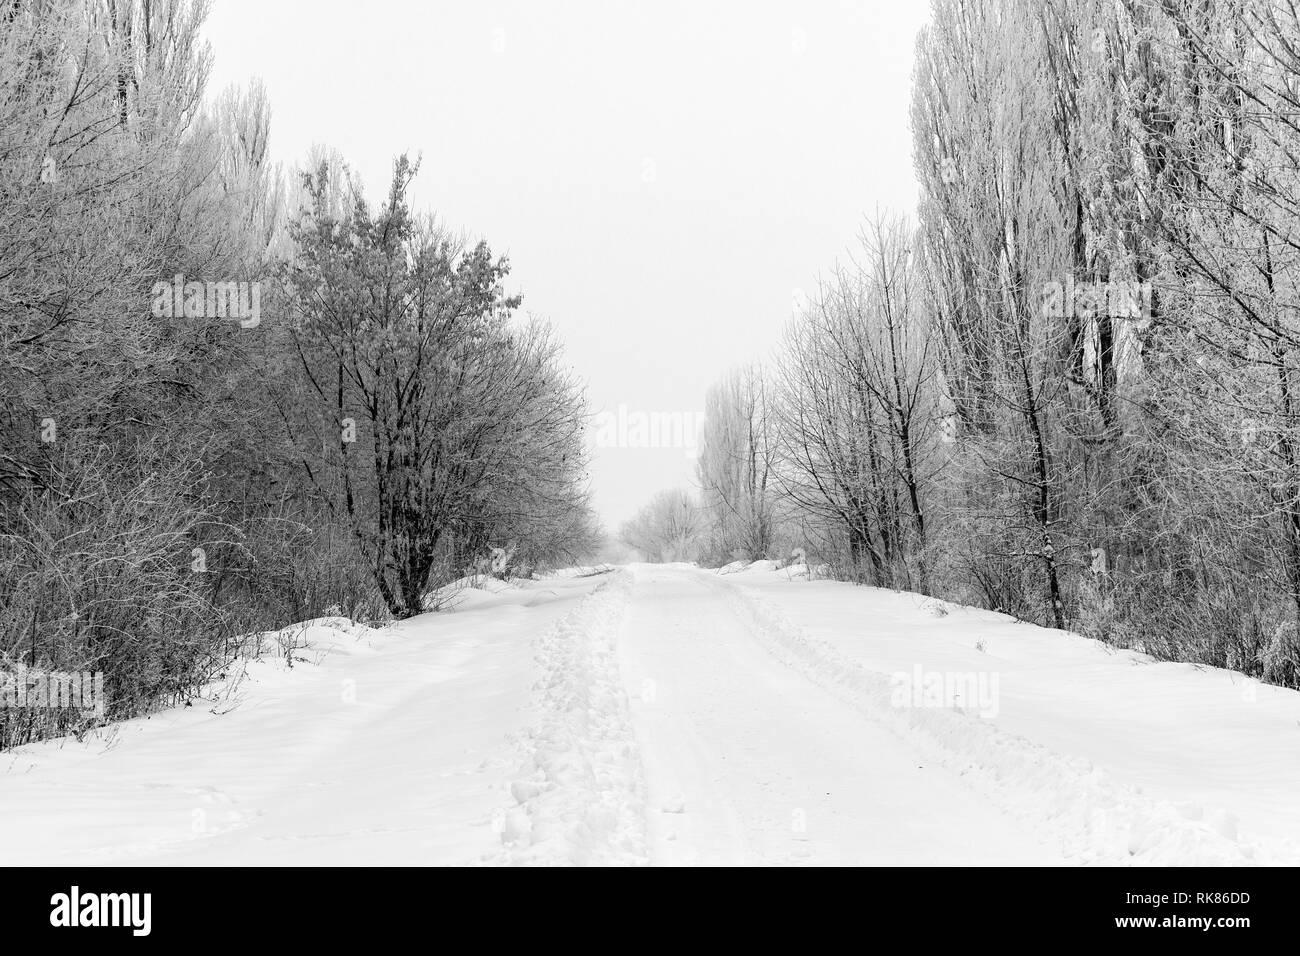 Árboles de nieve de invierno, Año Nuevo, el estado de ánimo. Foto de stock